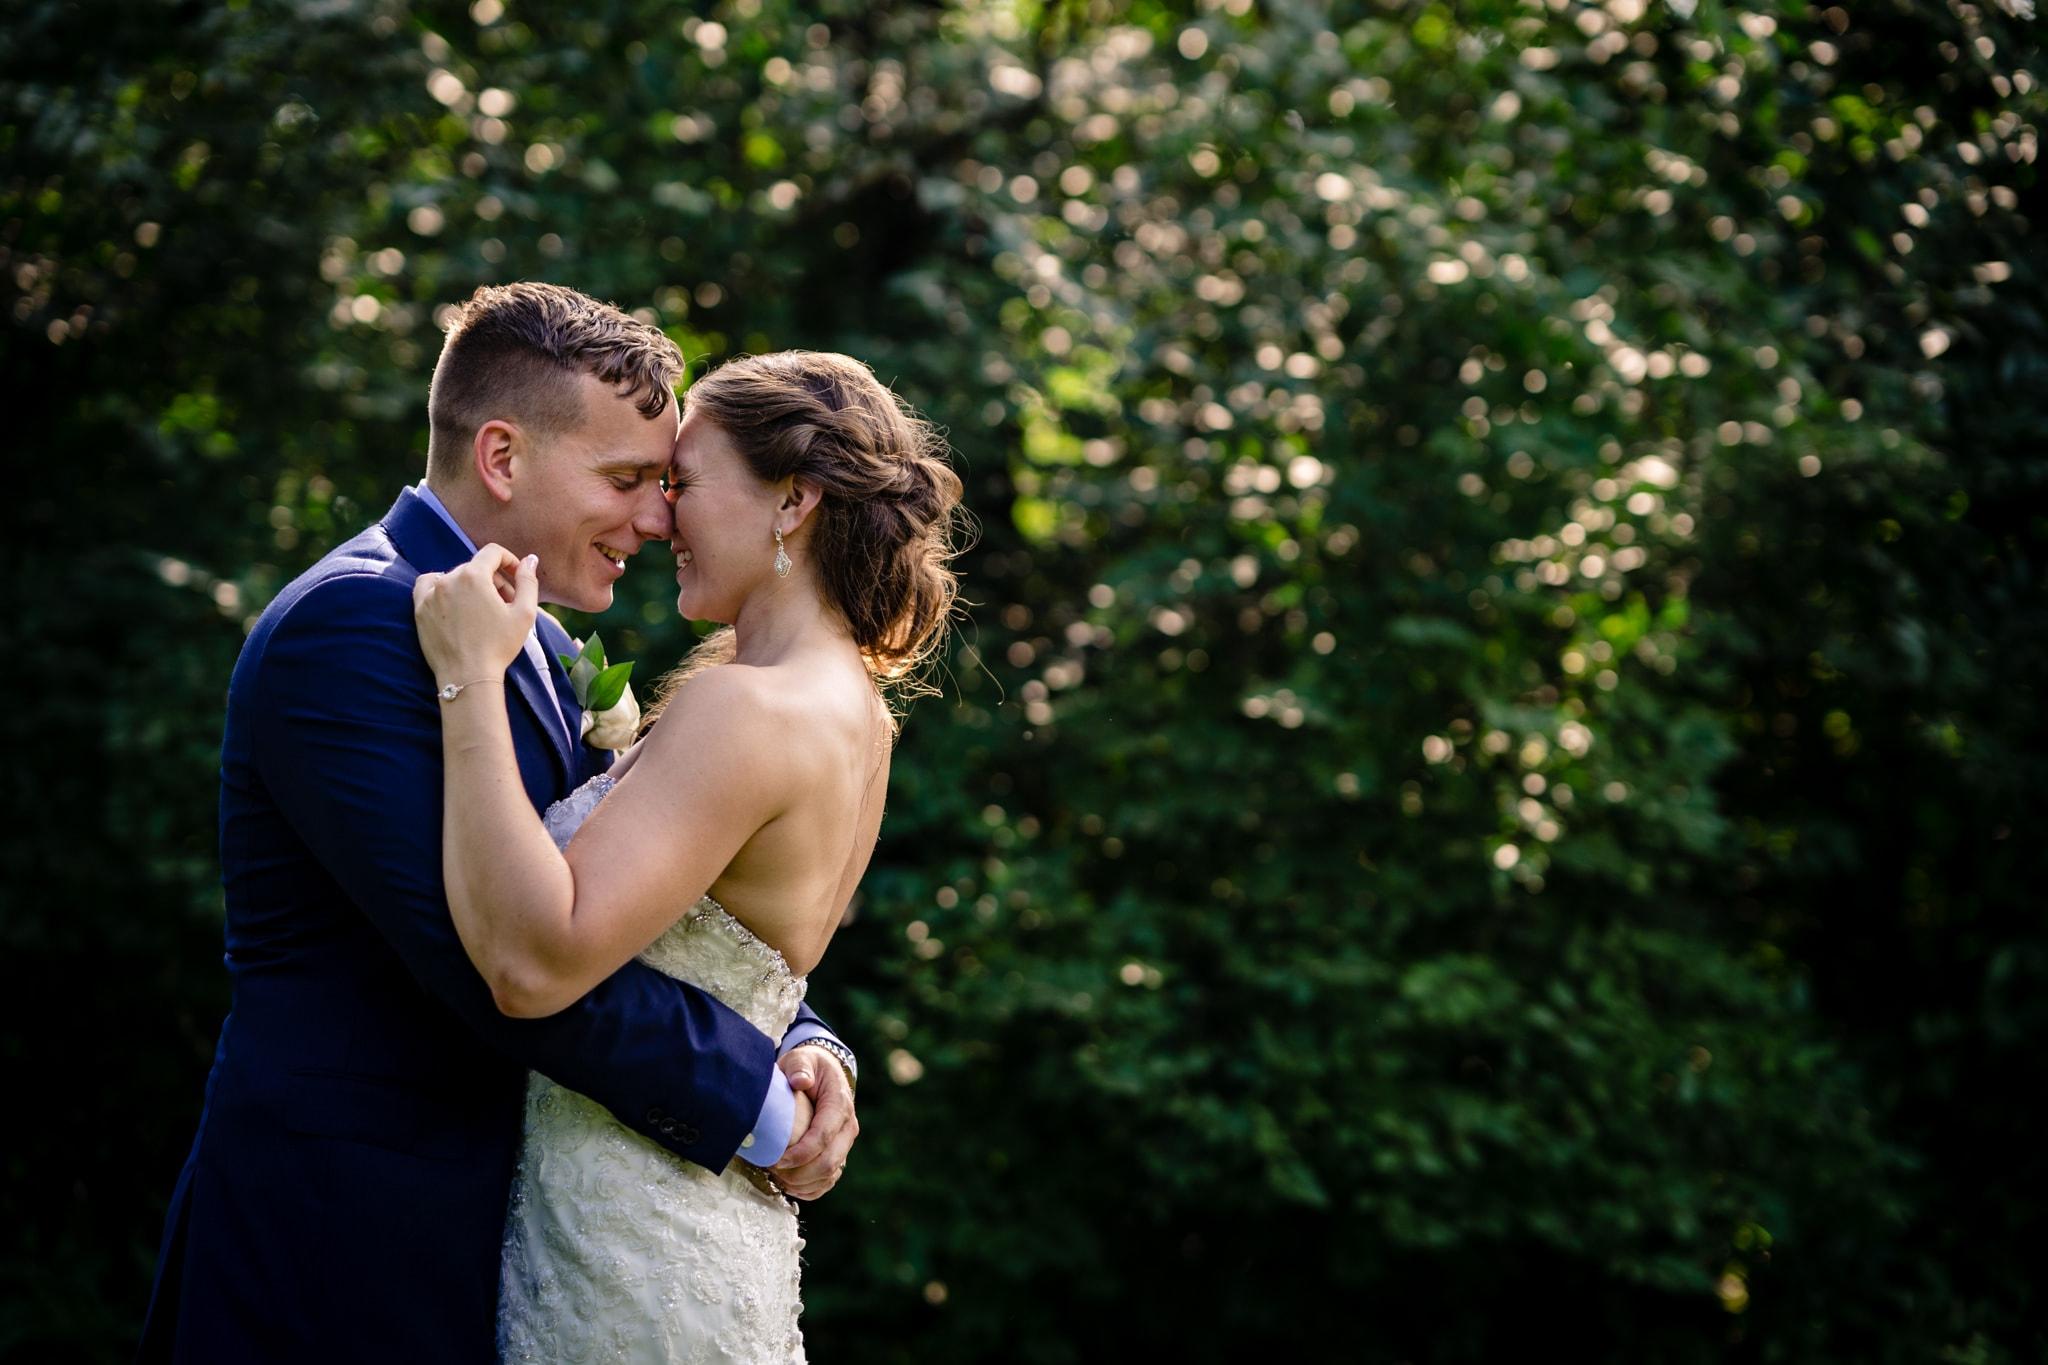 Dayton Wedding Venues - Studio 22 Photography - Ohio Barn Wedding